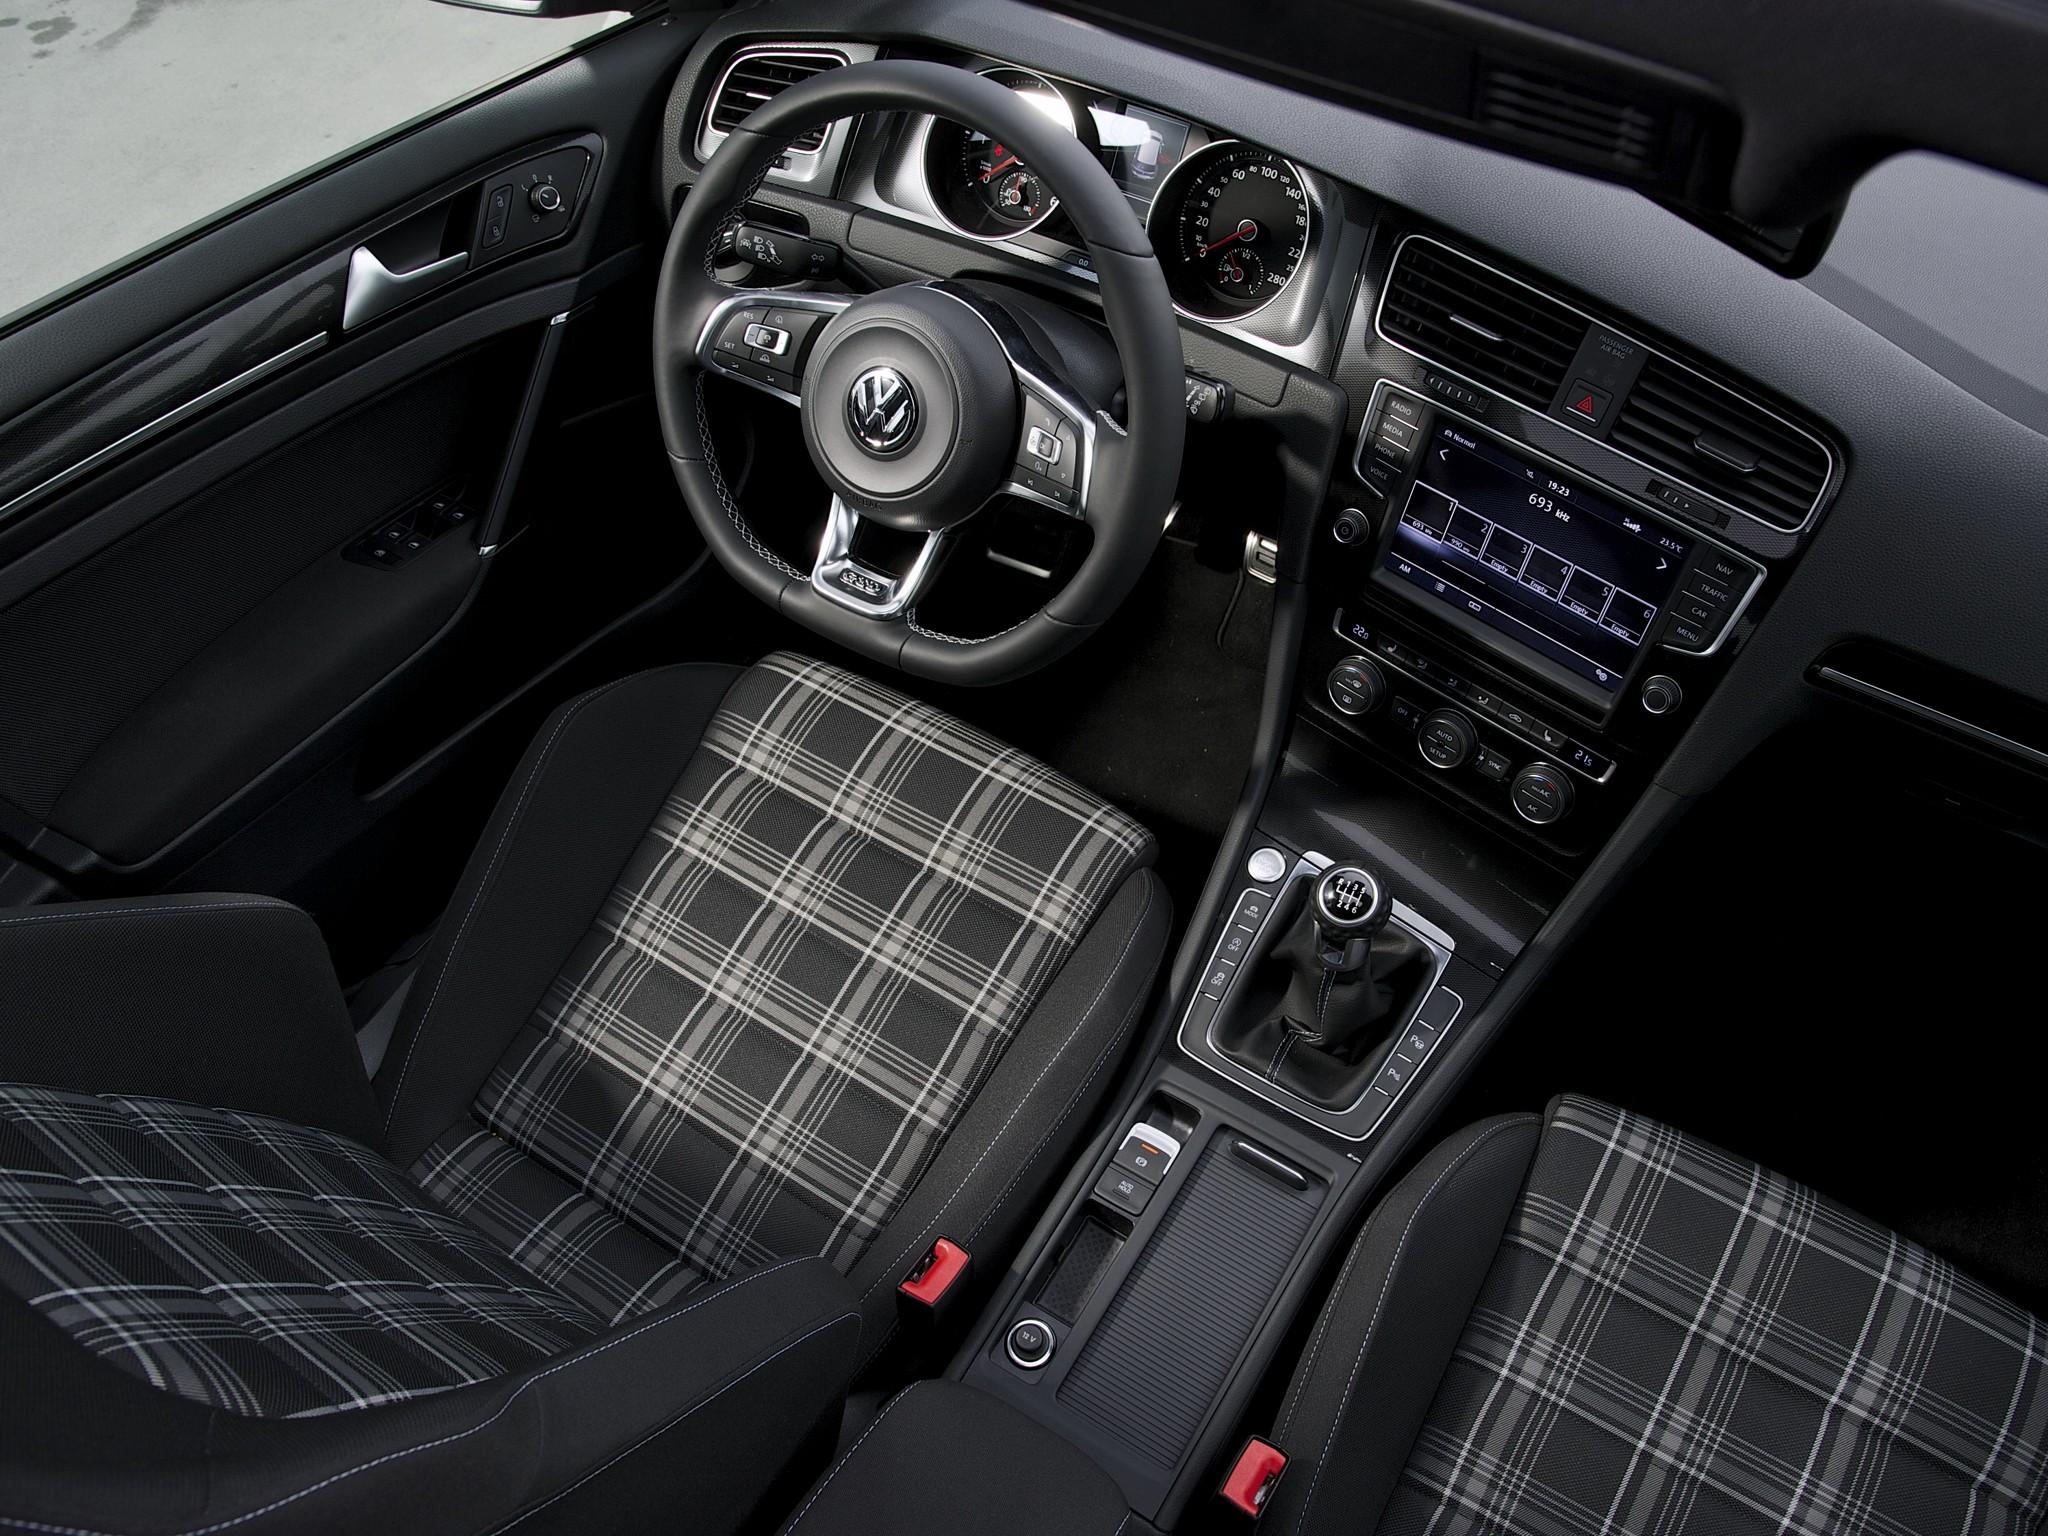 Volkswagen Golf Gtd 5 Doors Specs 2013 2014 2015 2016 2017 Autoevolution